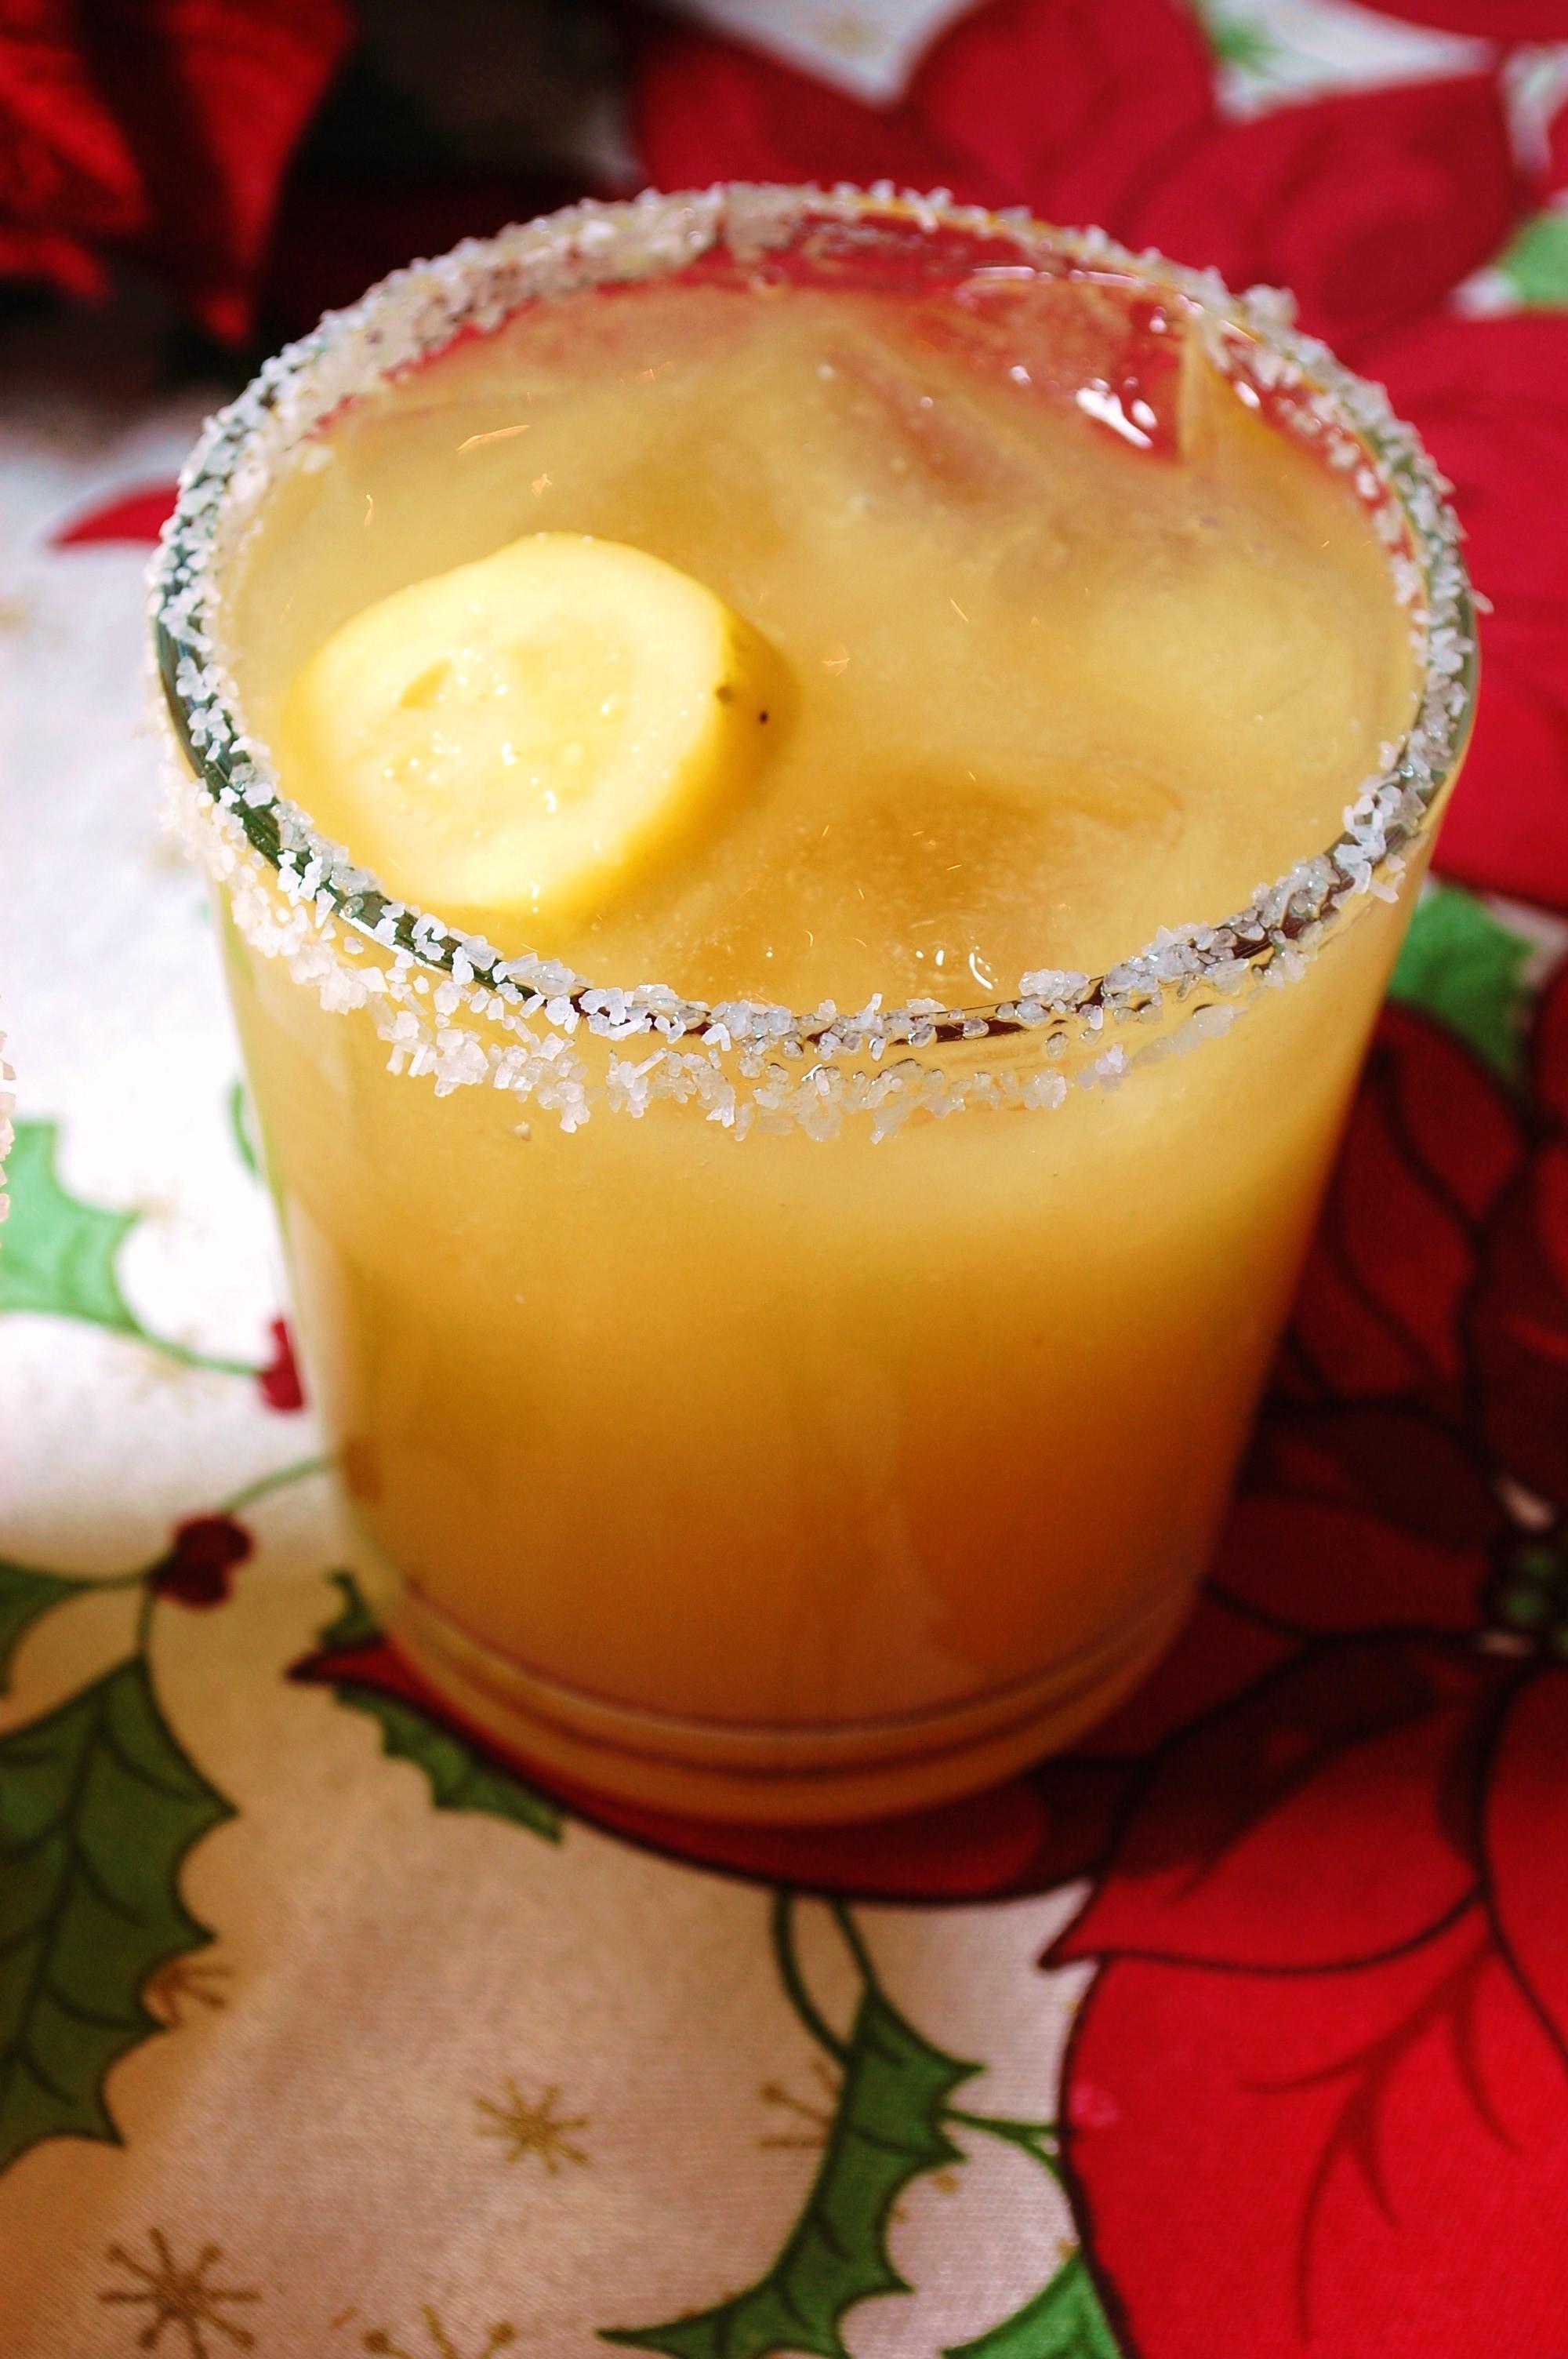 gu margarita 016 e1318143768168 Margarita, Margarita, Margarita margaritas beverages